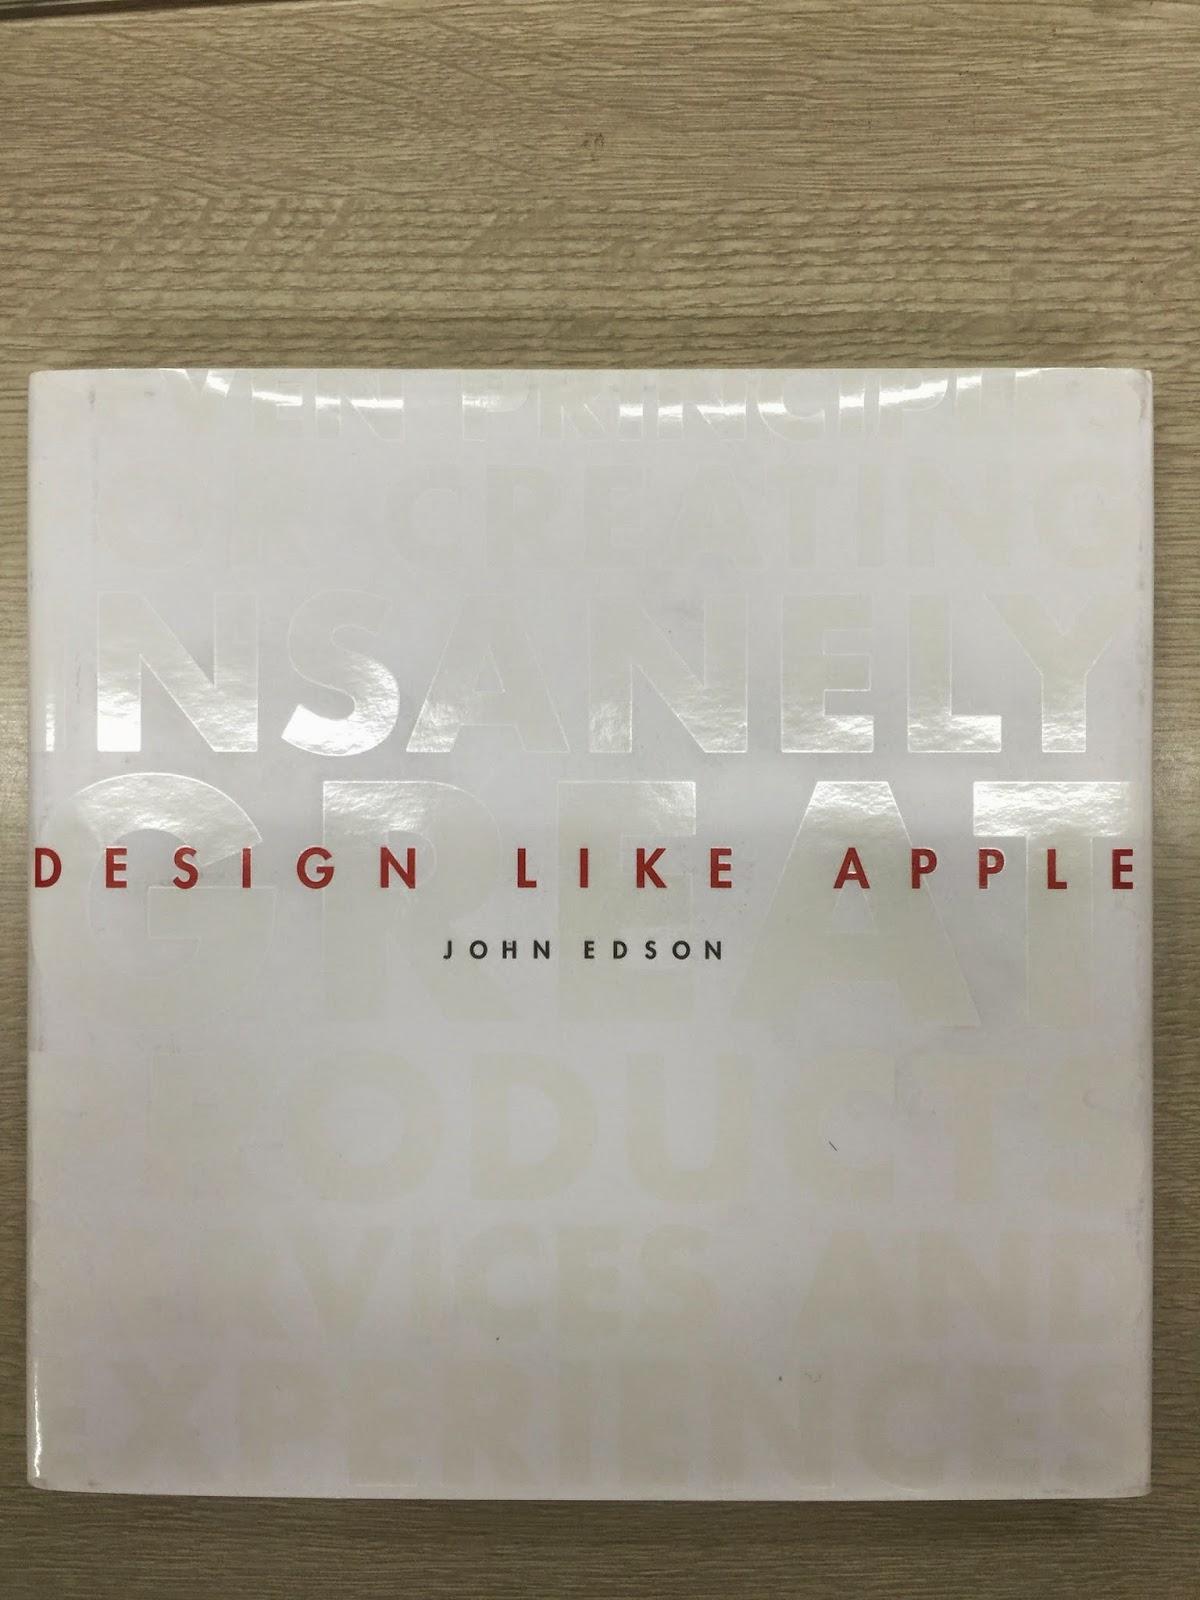 design like apple edson john